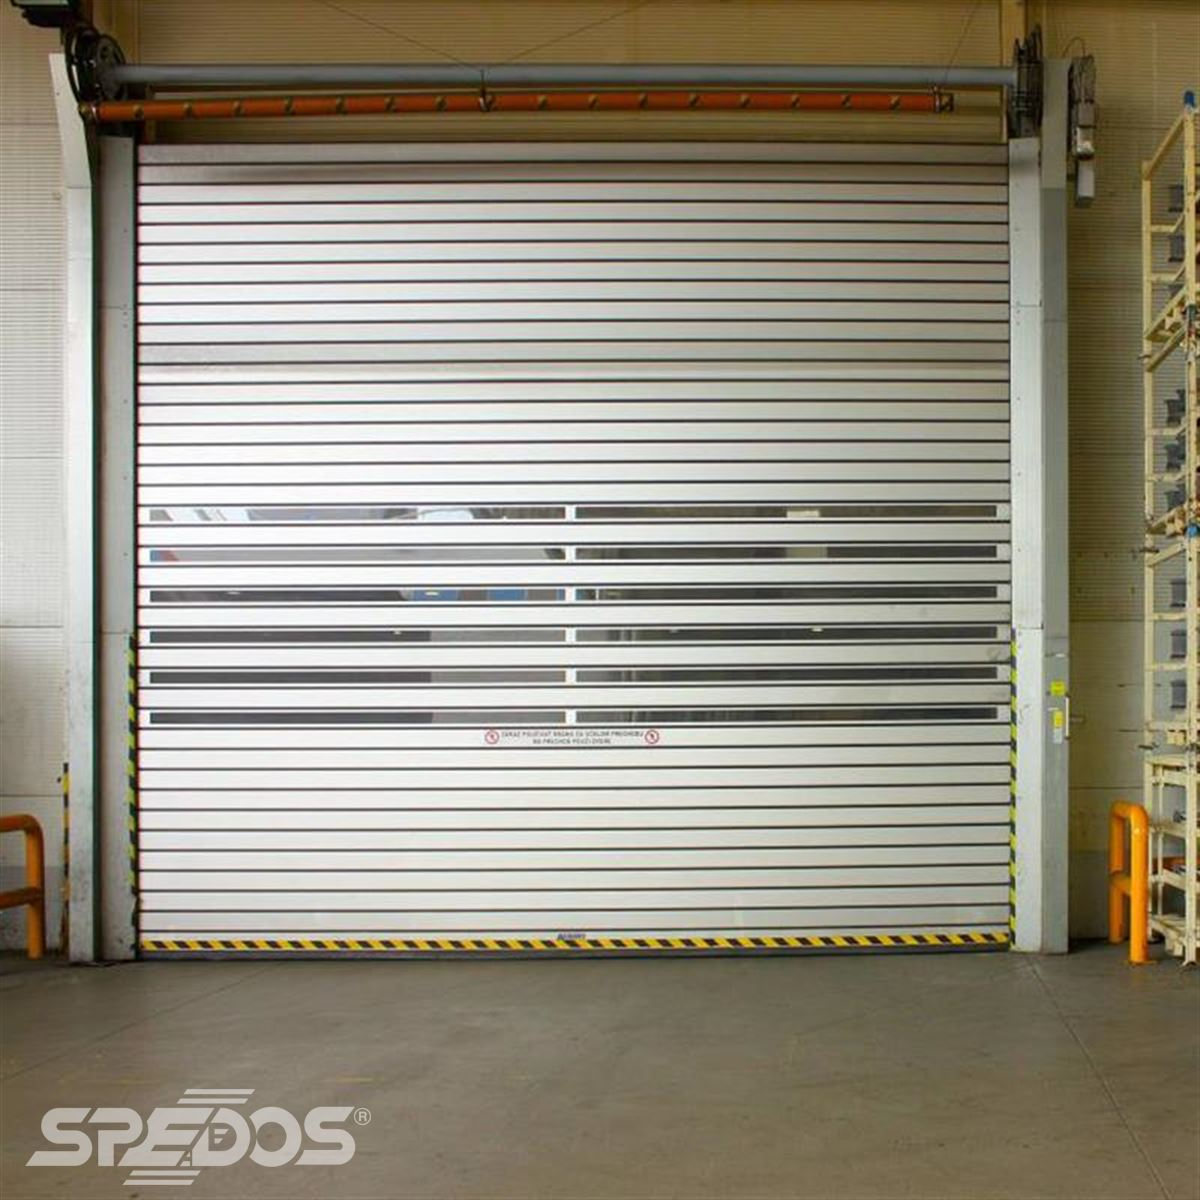 Rychloběžná vrata s rychlým navíjením Spedos